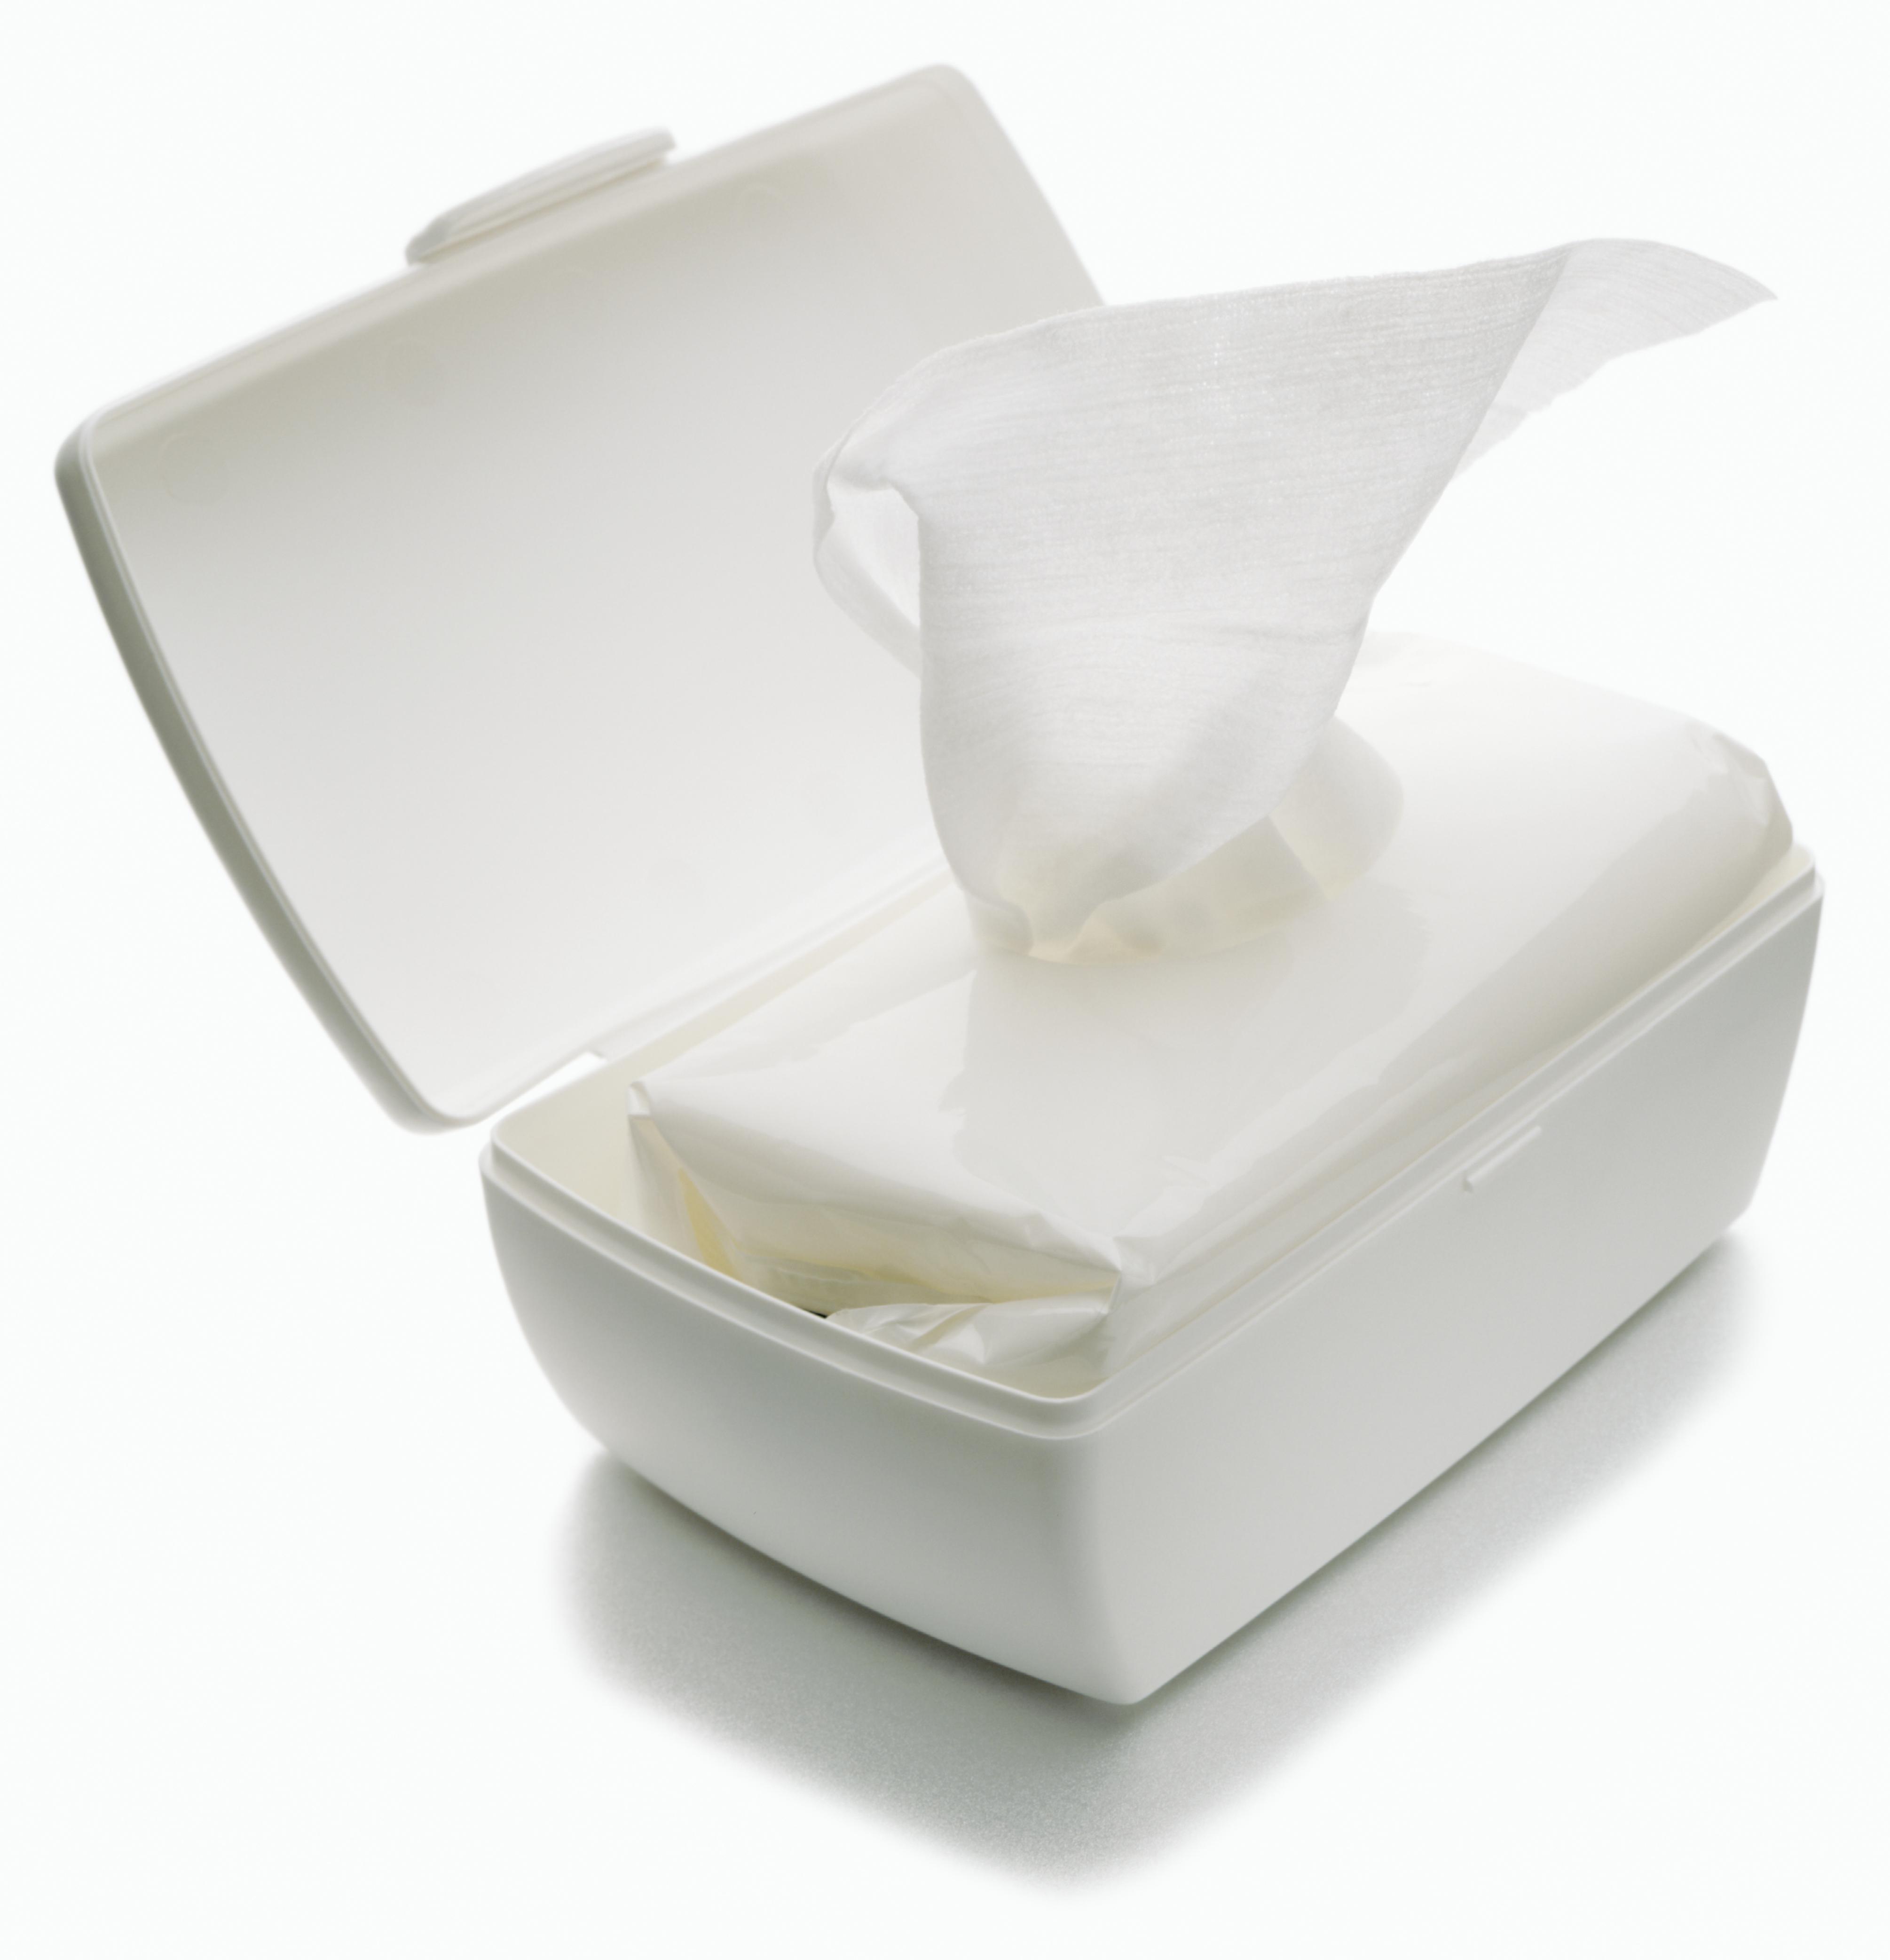 Moist baby wipes dispenser for diaper change